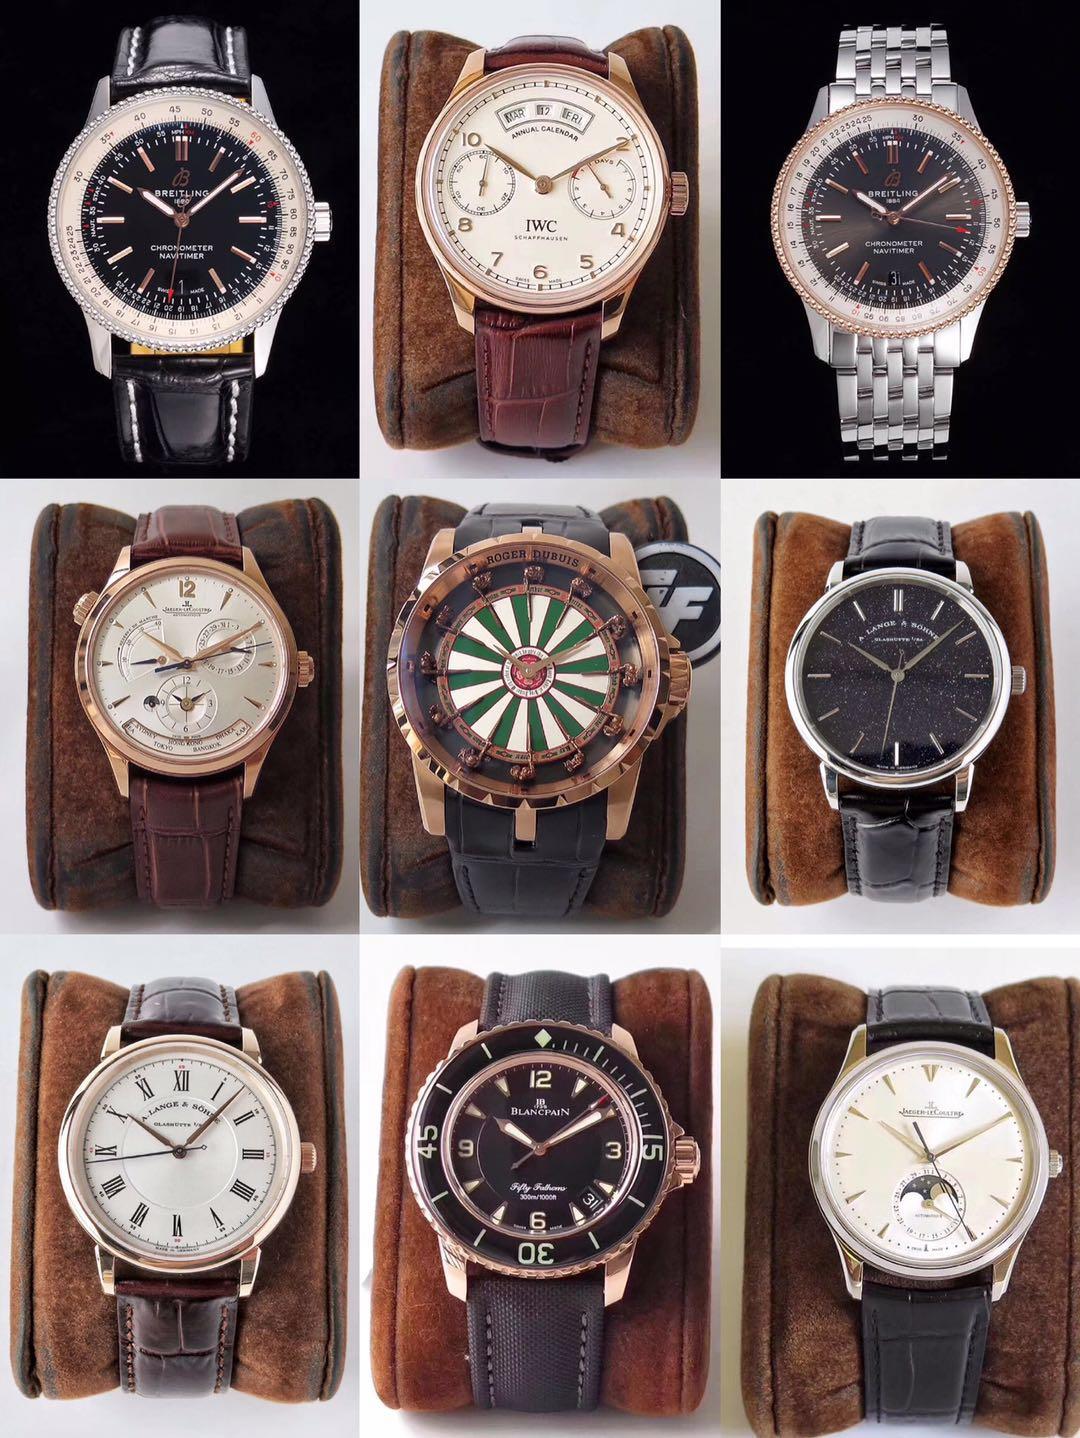 复刻各类级别精品手表、一件代发、货到付款